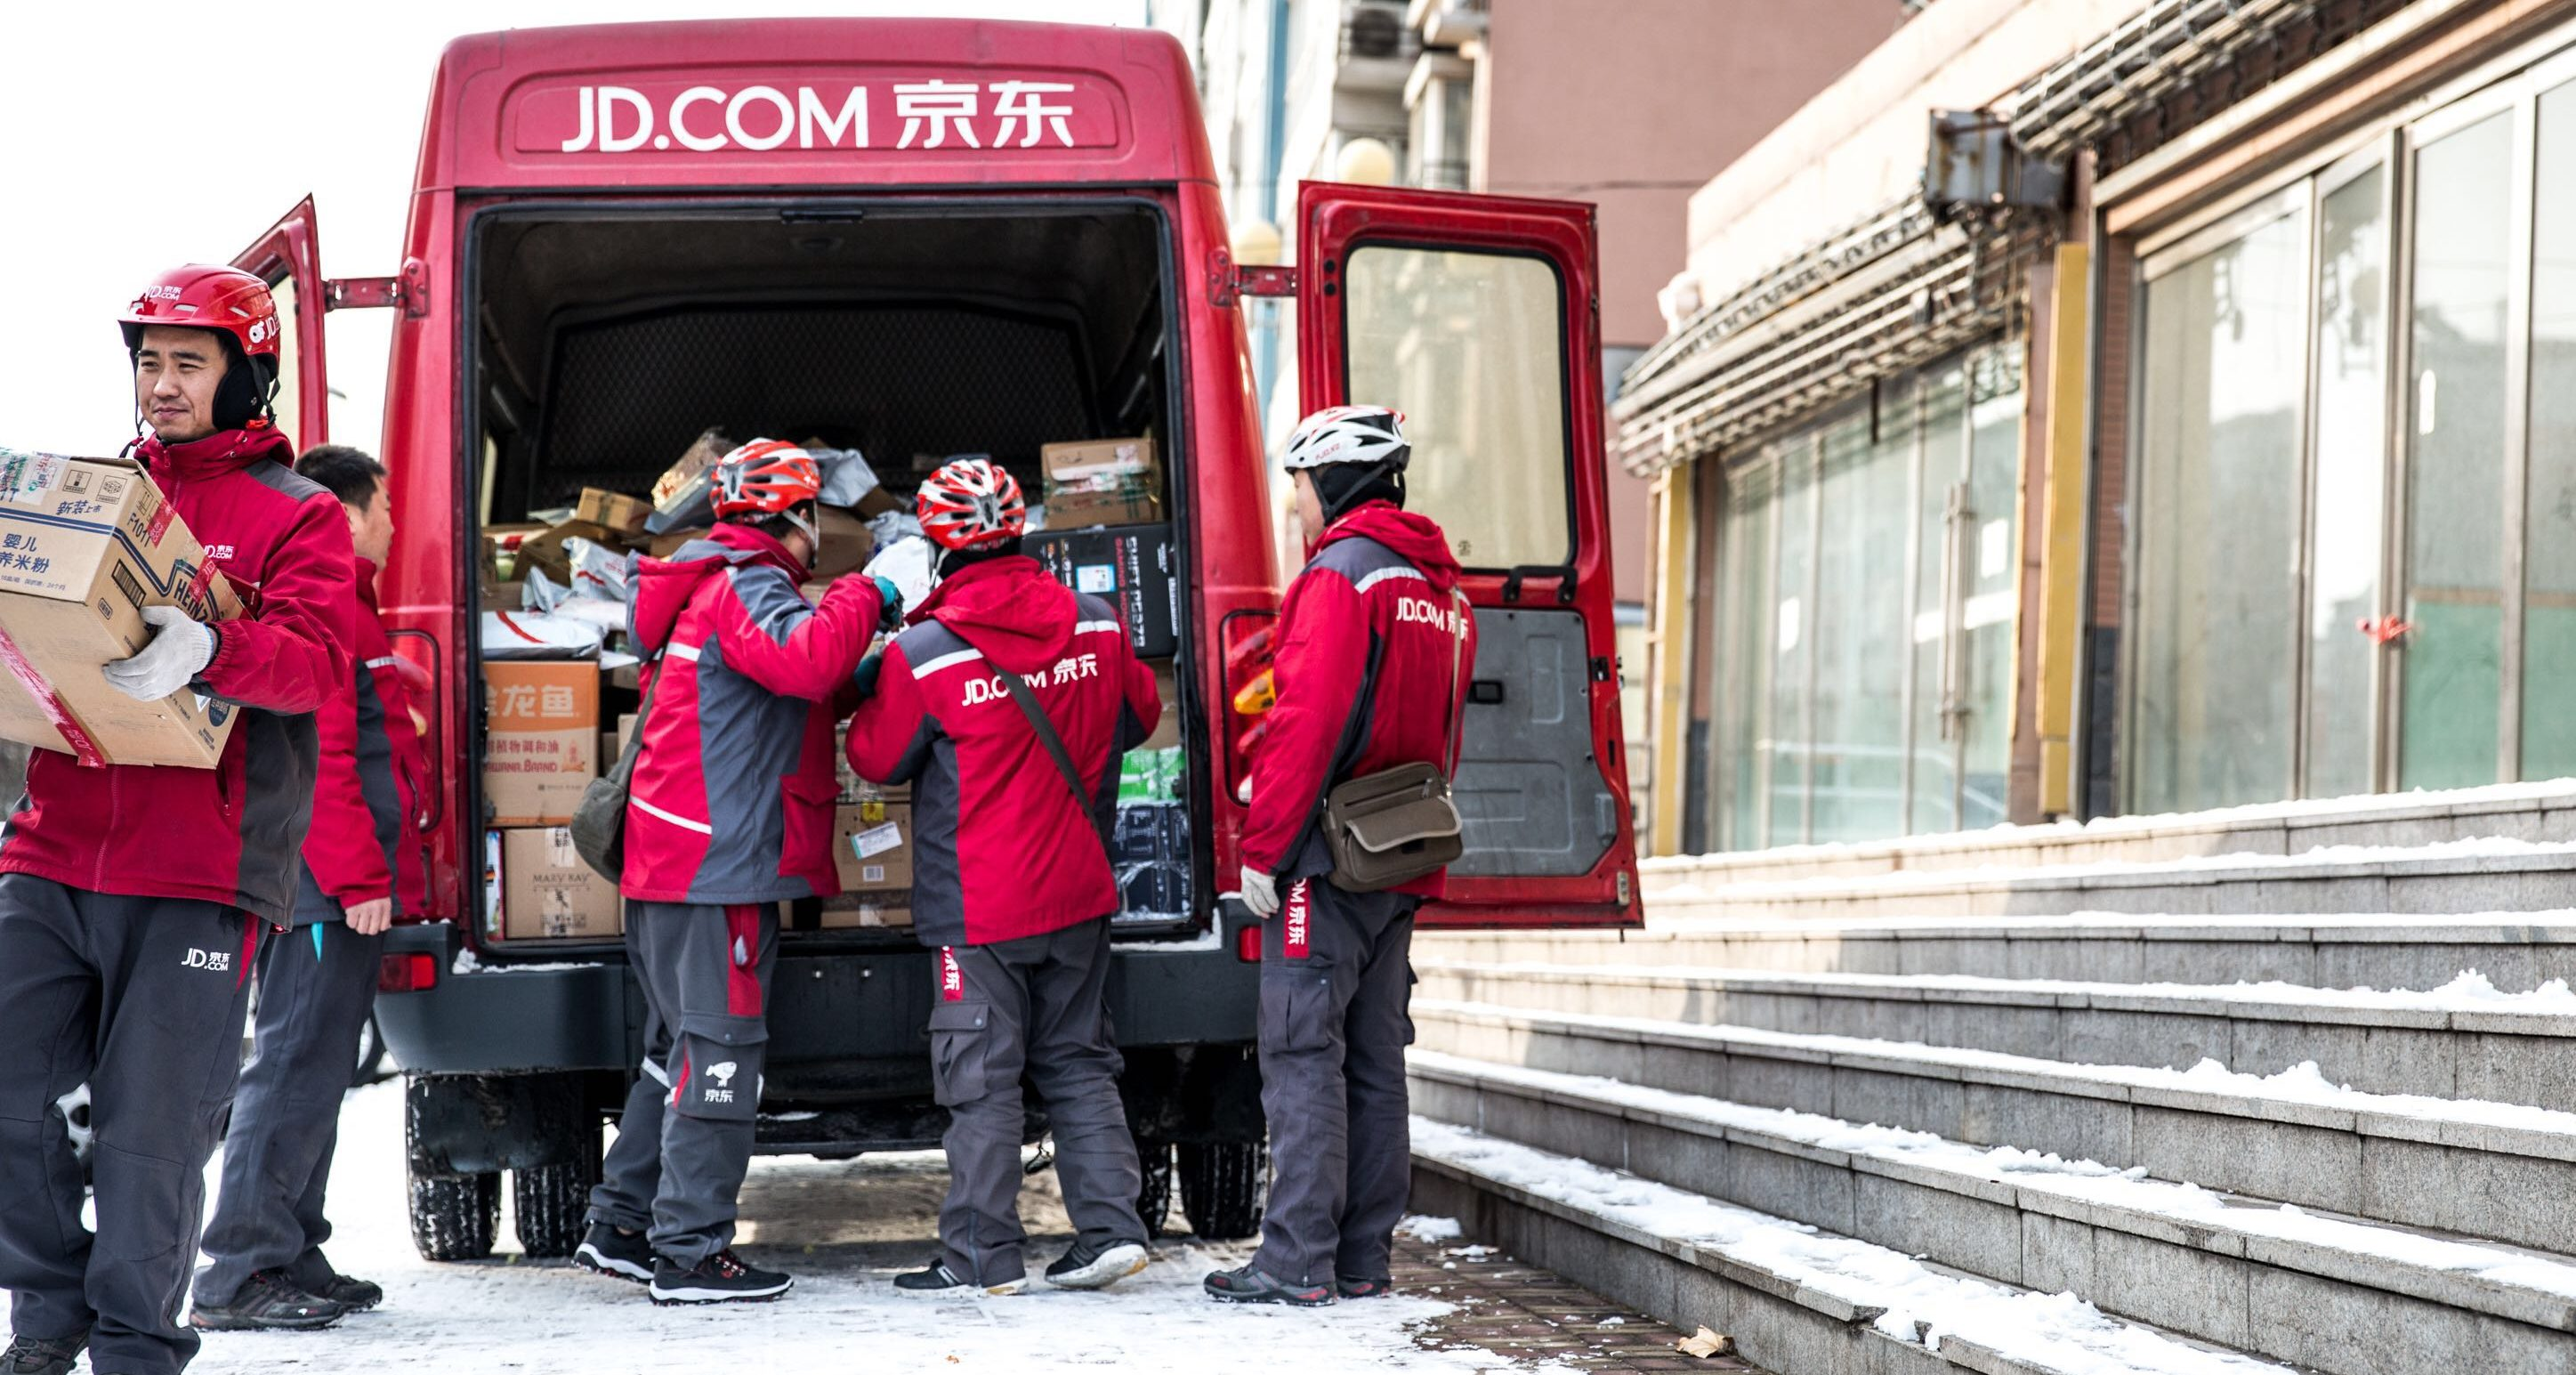 techcrunch.com - Rita Liao - JD founder cautions logistics business must tighten belt